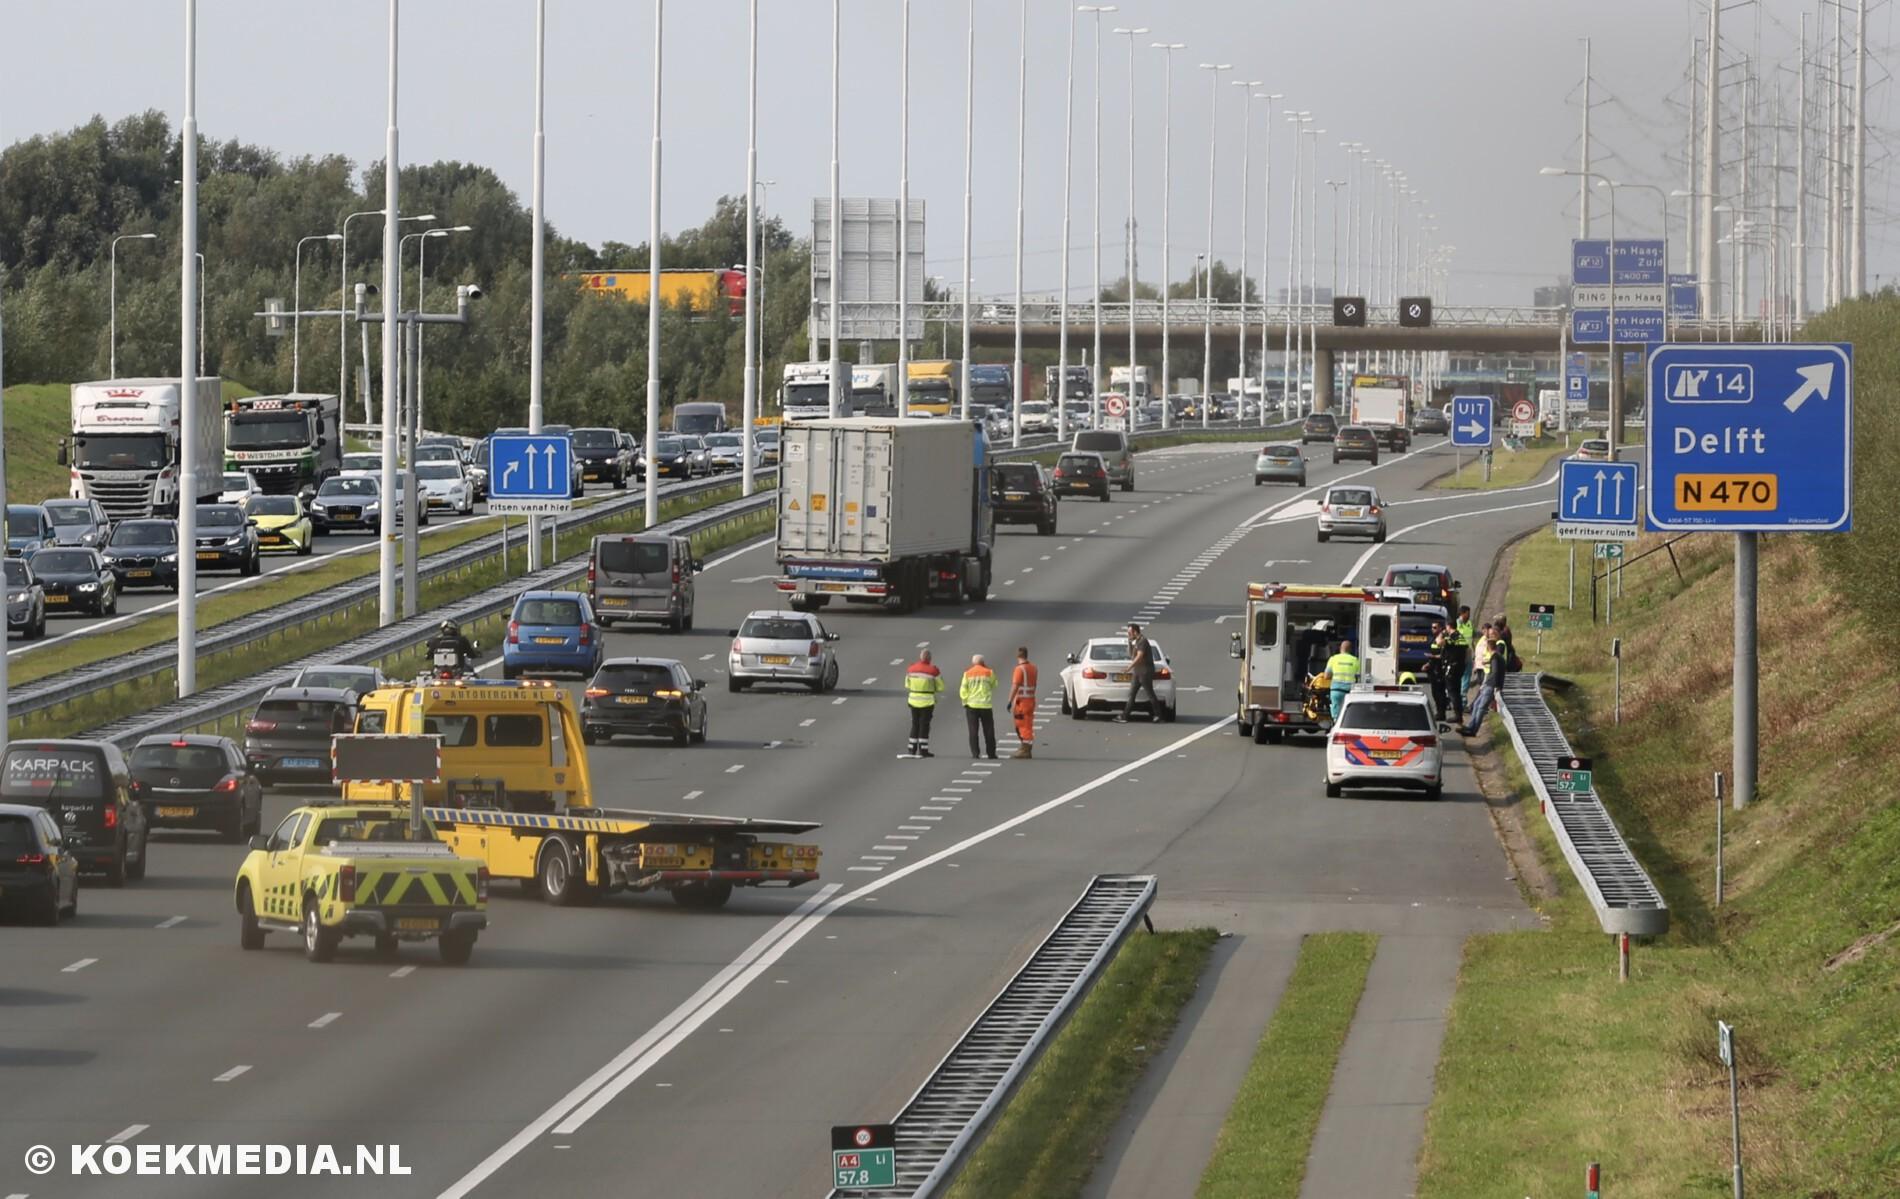 Gewonde bij ongeval met meerdere voertuigen op de A4 afslag Delft